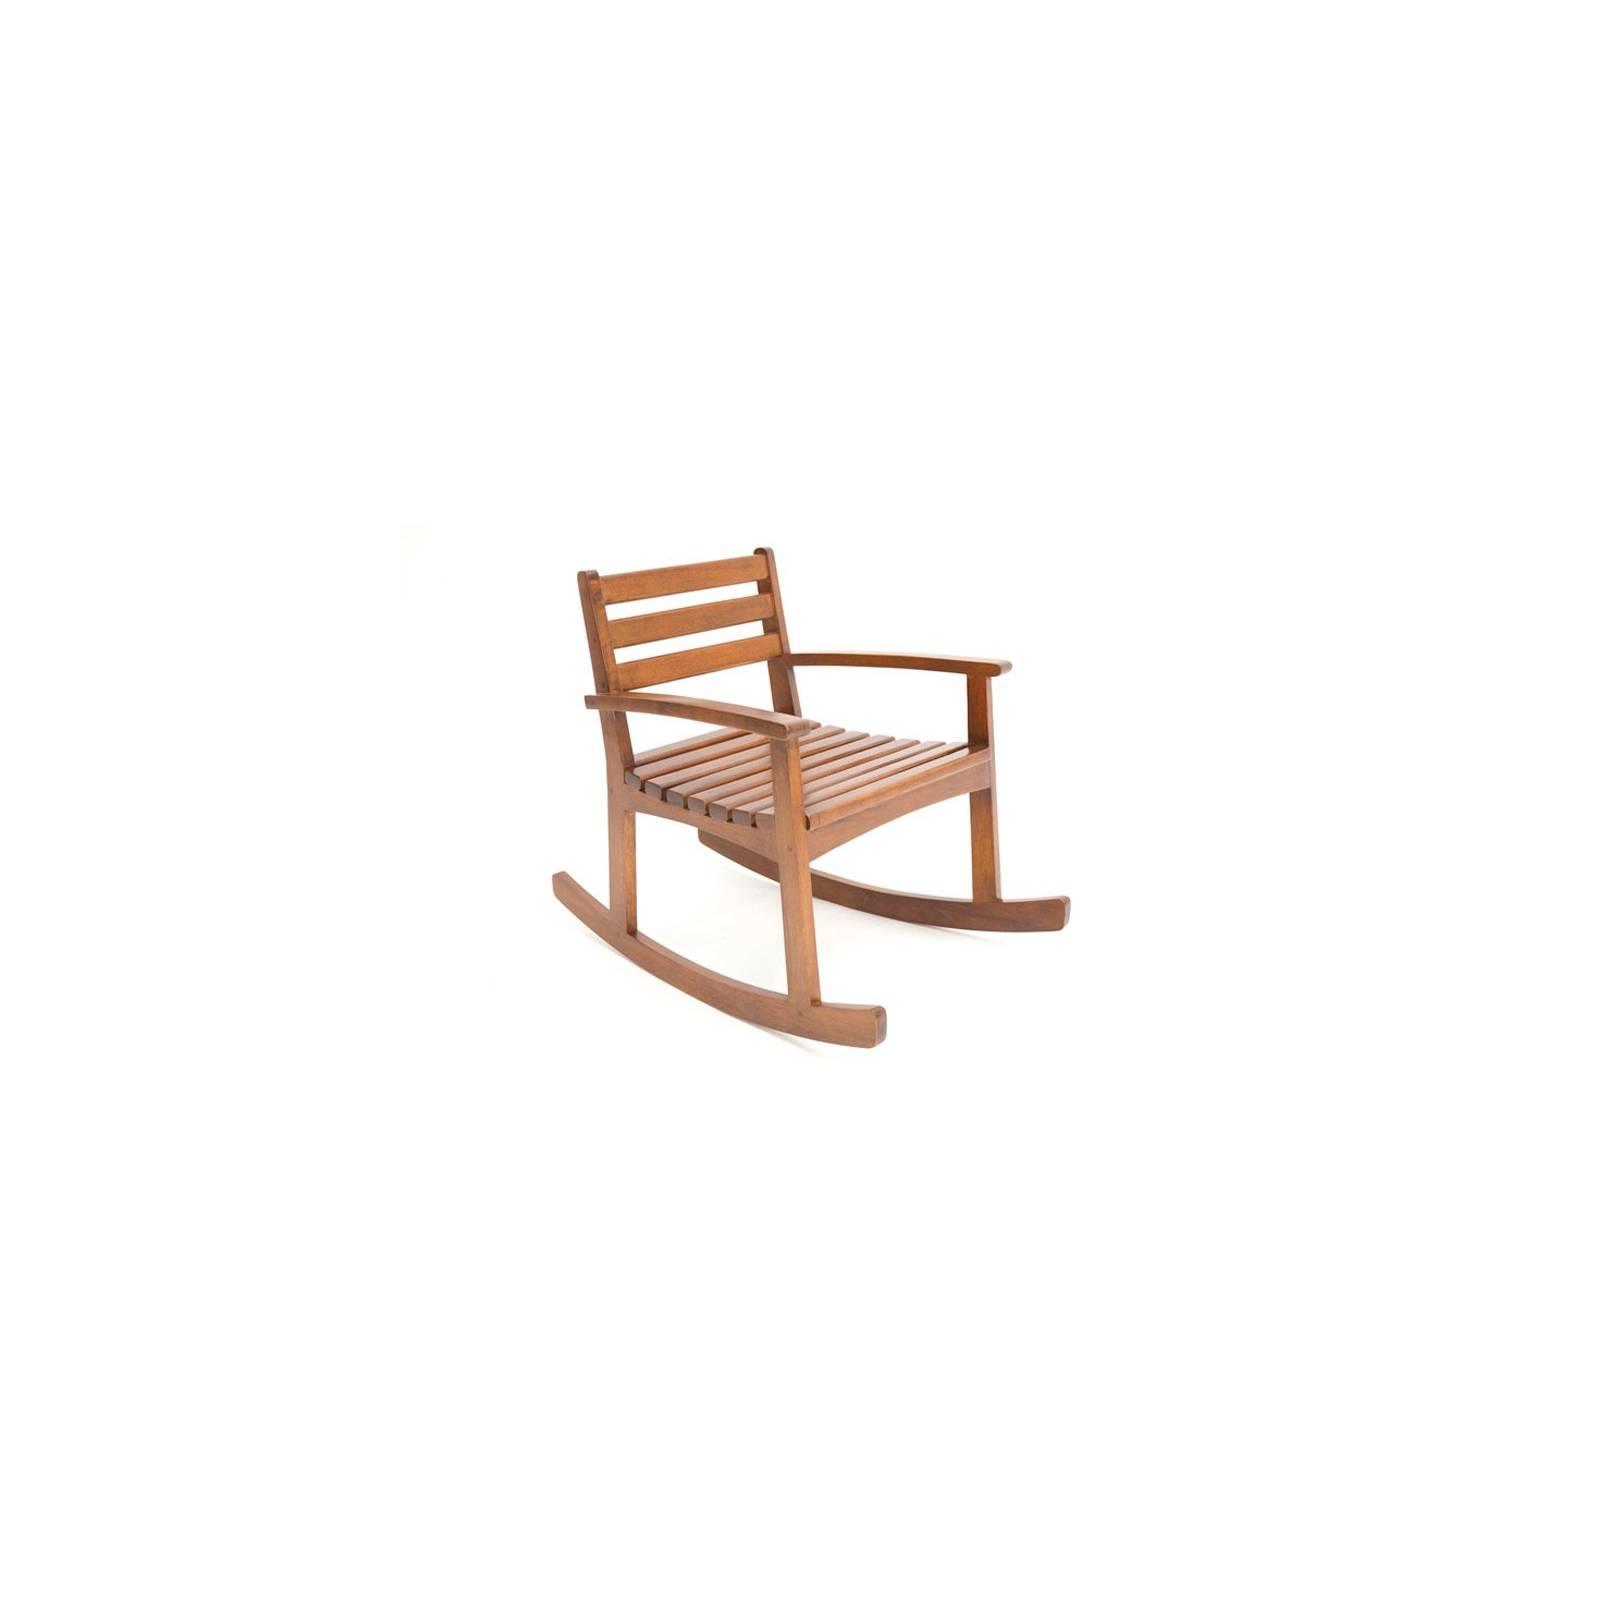 Rocking Chair Tradition Hévéa Meuble Bois Massif